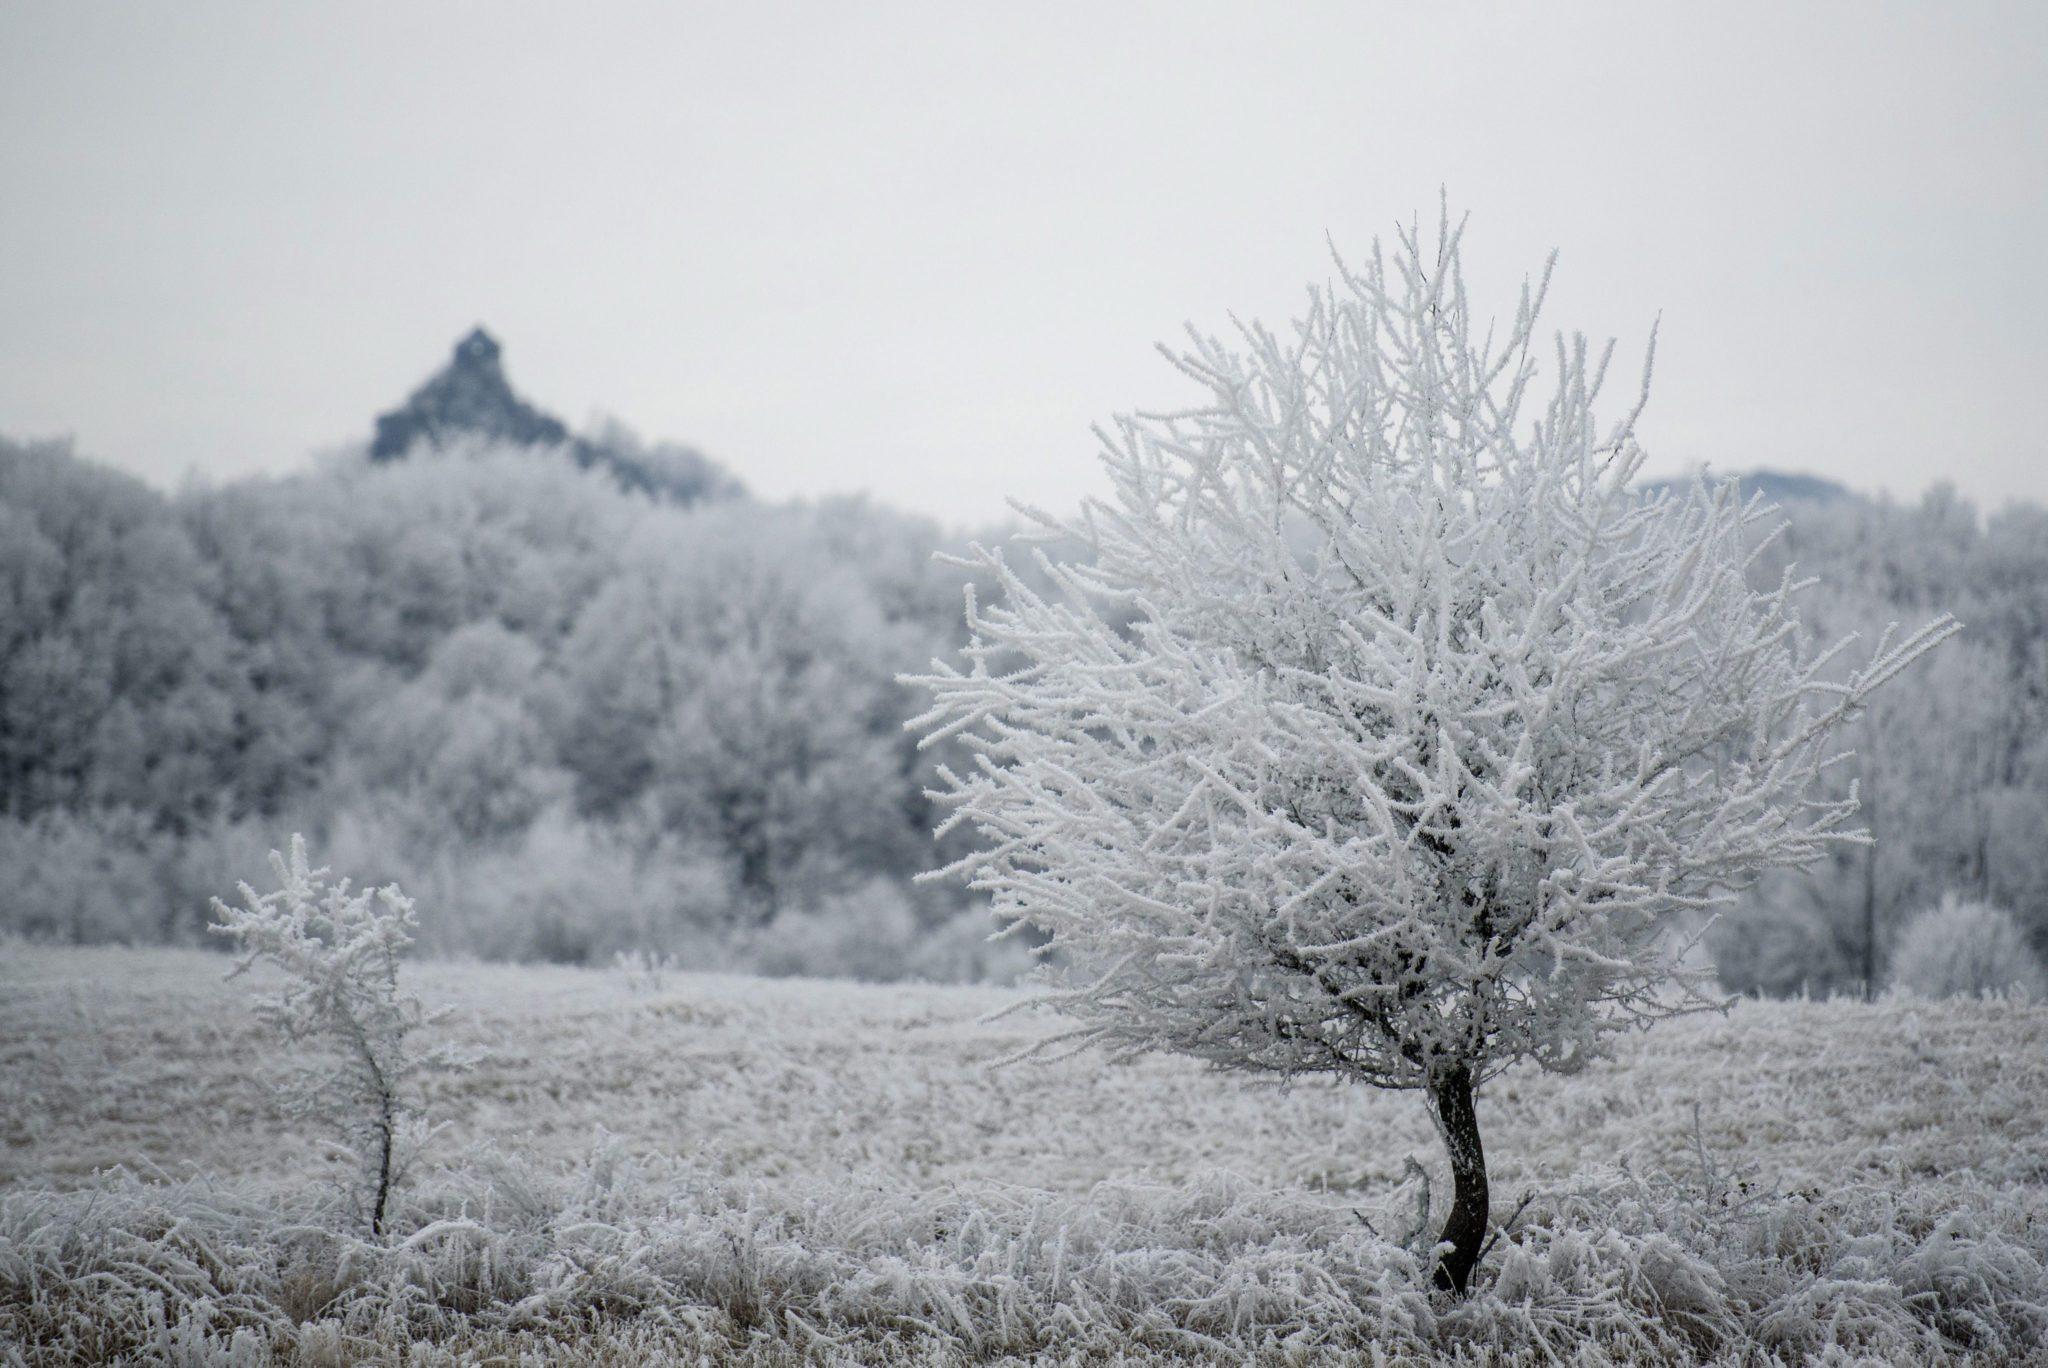 Węgry: zima na Węgrzech, zdjęcie spod miejscowości  Salgotarjan, 100 km na północ od Budapesztu (foto. PAP/EPA/PETER KOMKA)